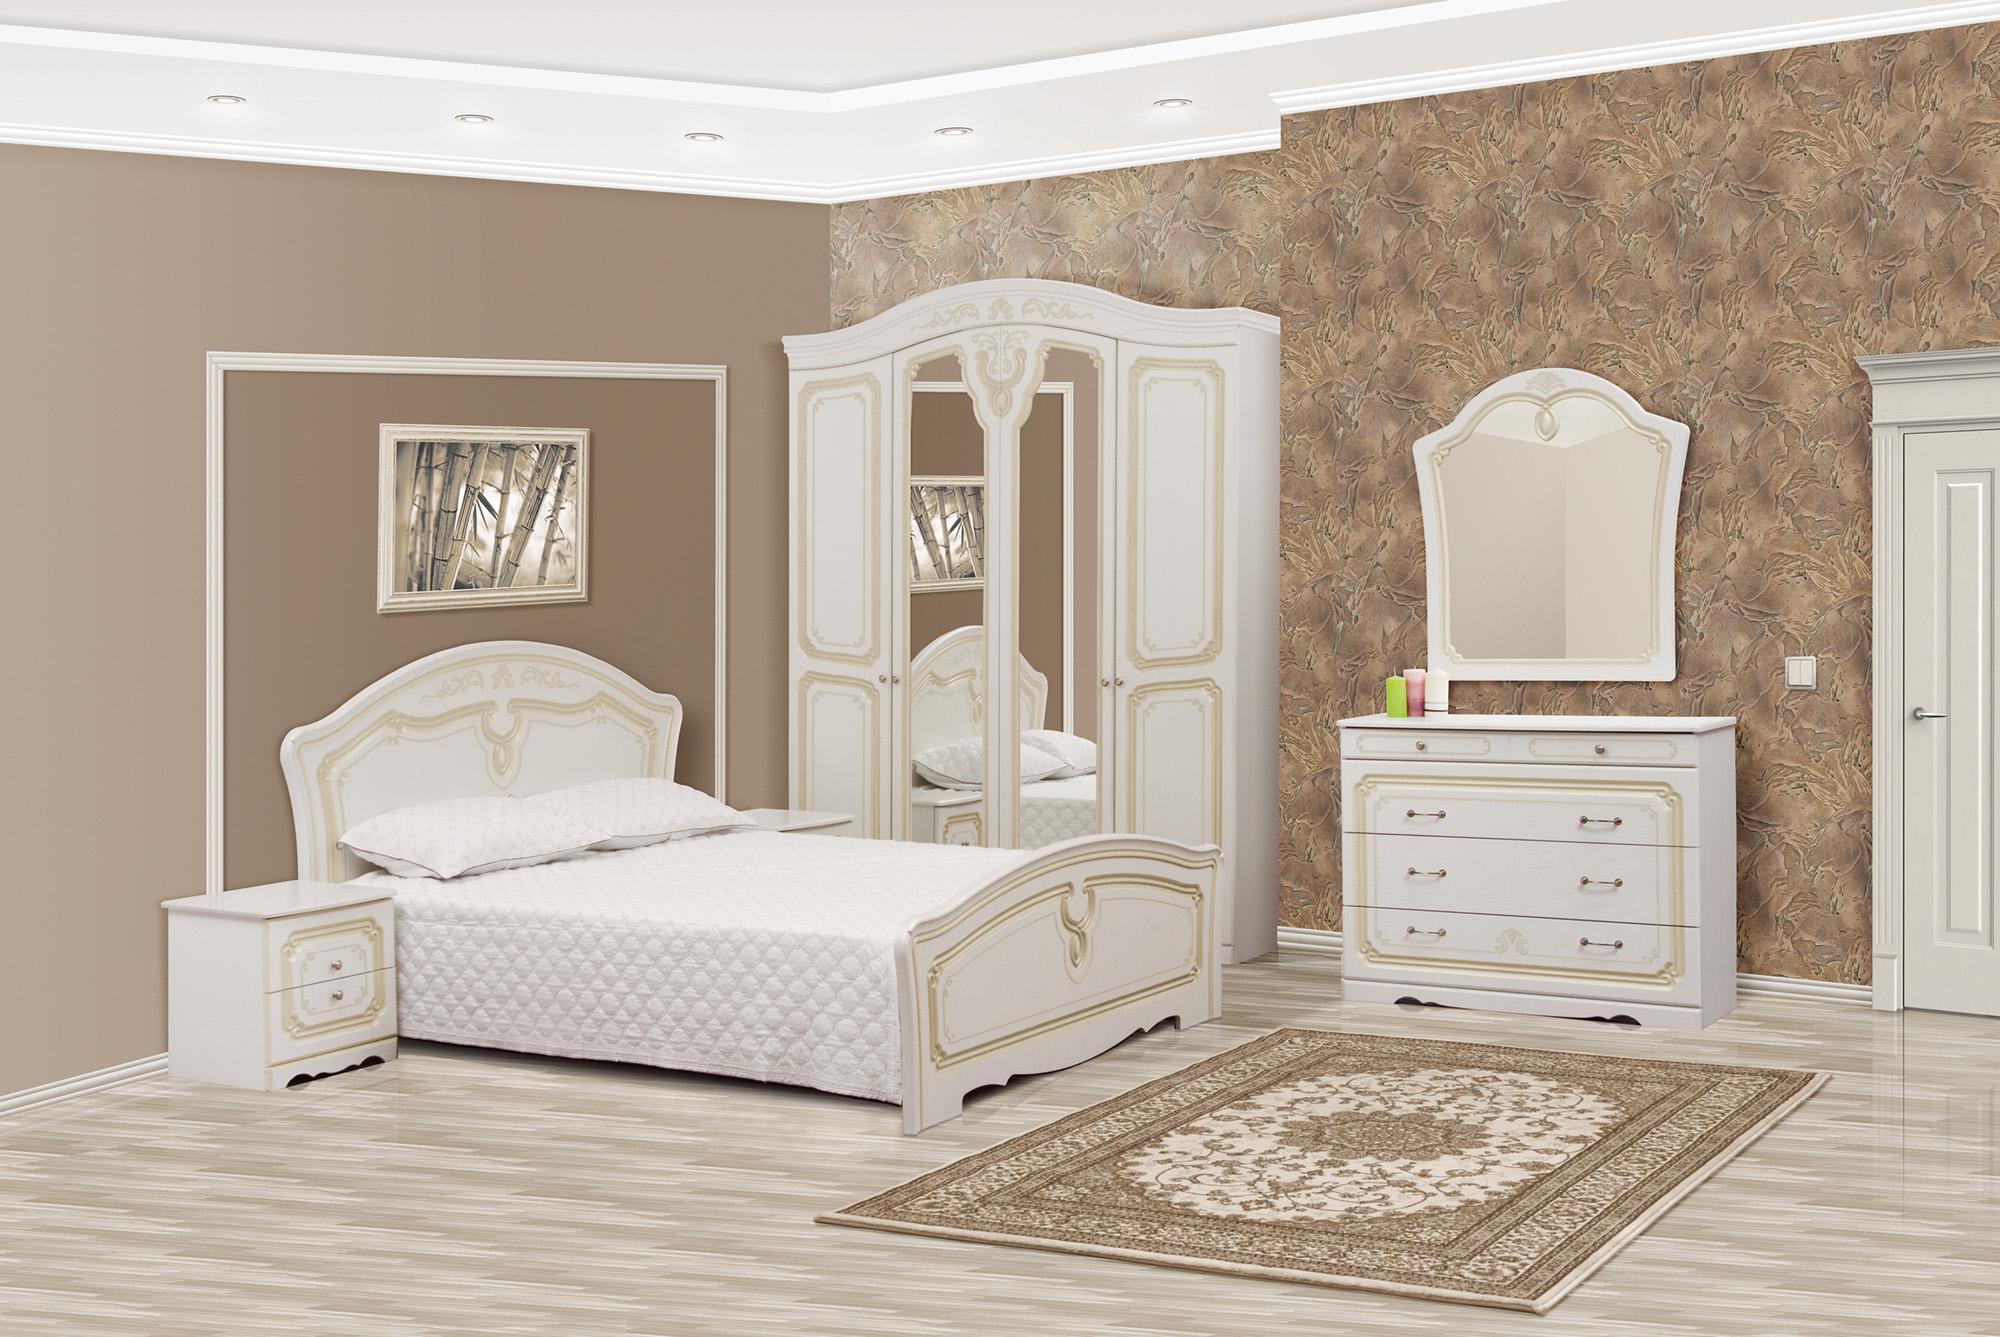 спальня луиза купить по недорогой цене в украине днепр мир мебели